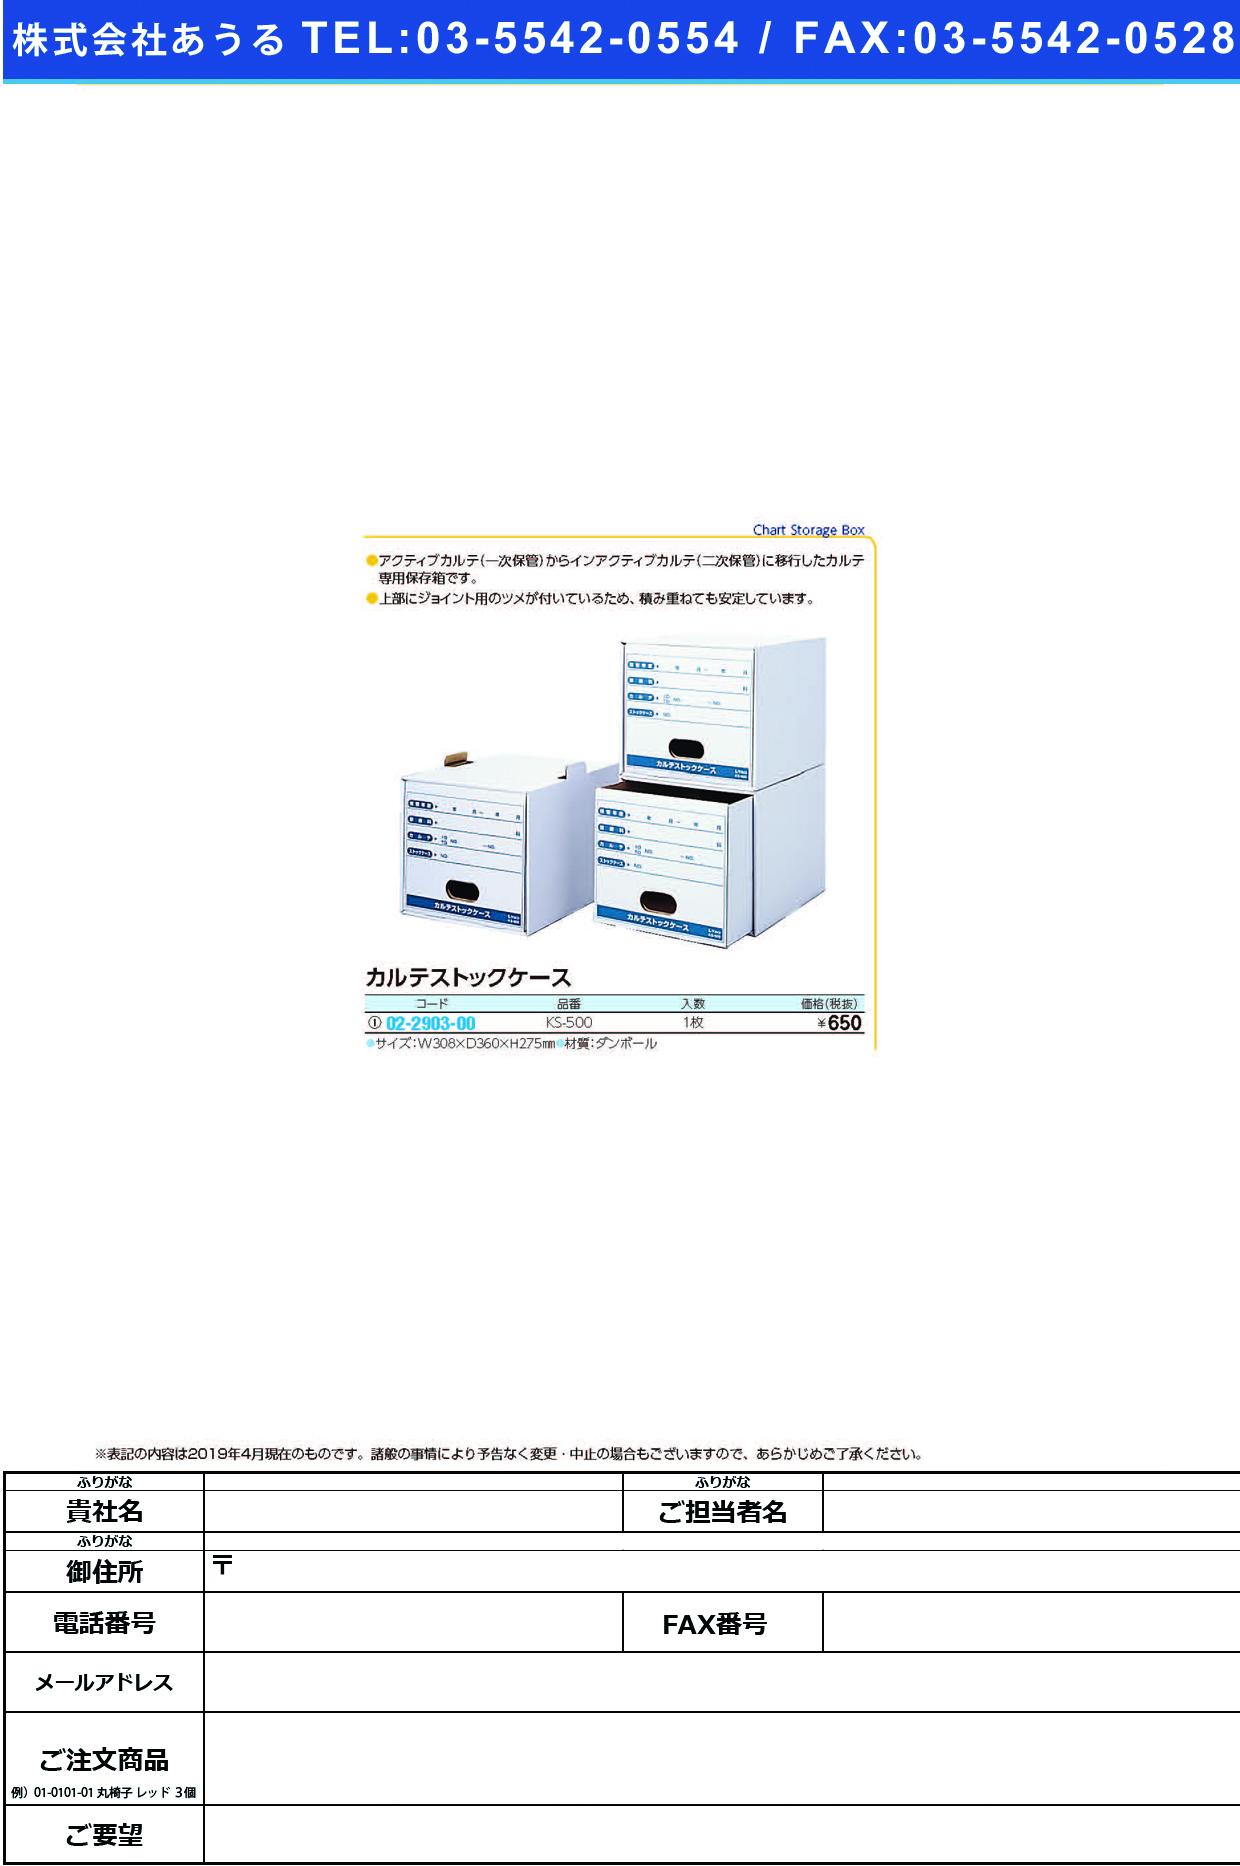 (02-2903-00)カルテストックケース KS-500 カルテストックケース(ケルン)【1個単位】【2019年カタログ商品】